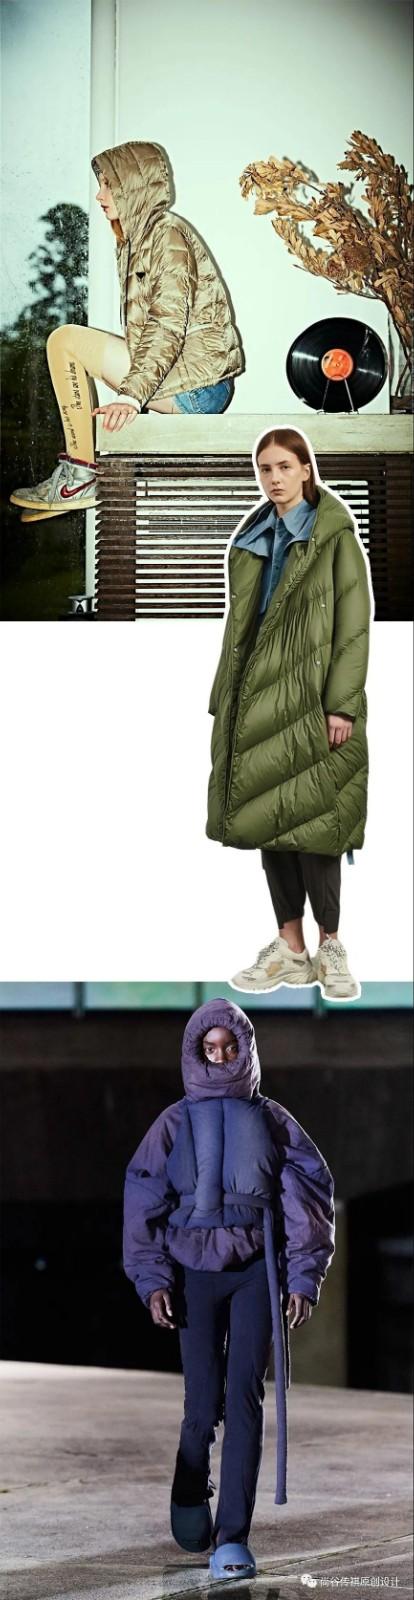 2021/22秋冬女装流行趋势 羽绒廓形趋势分享(图13)